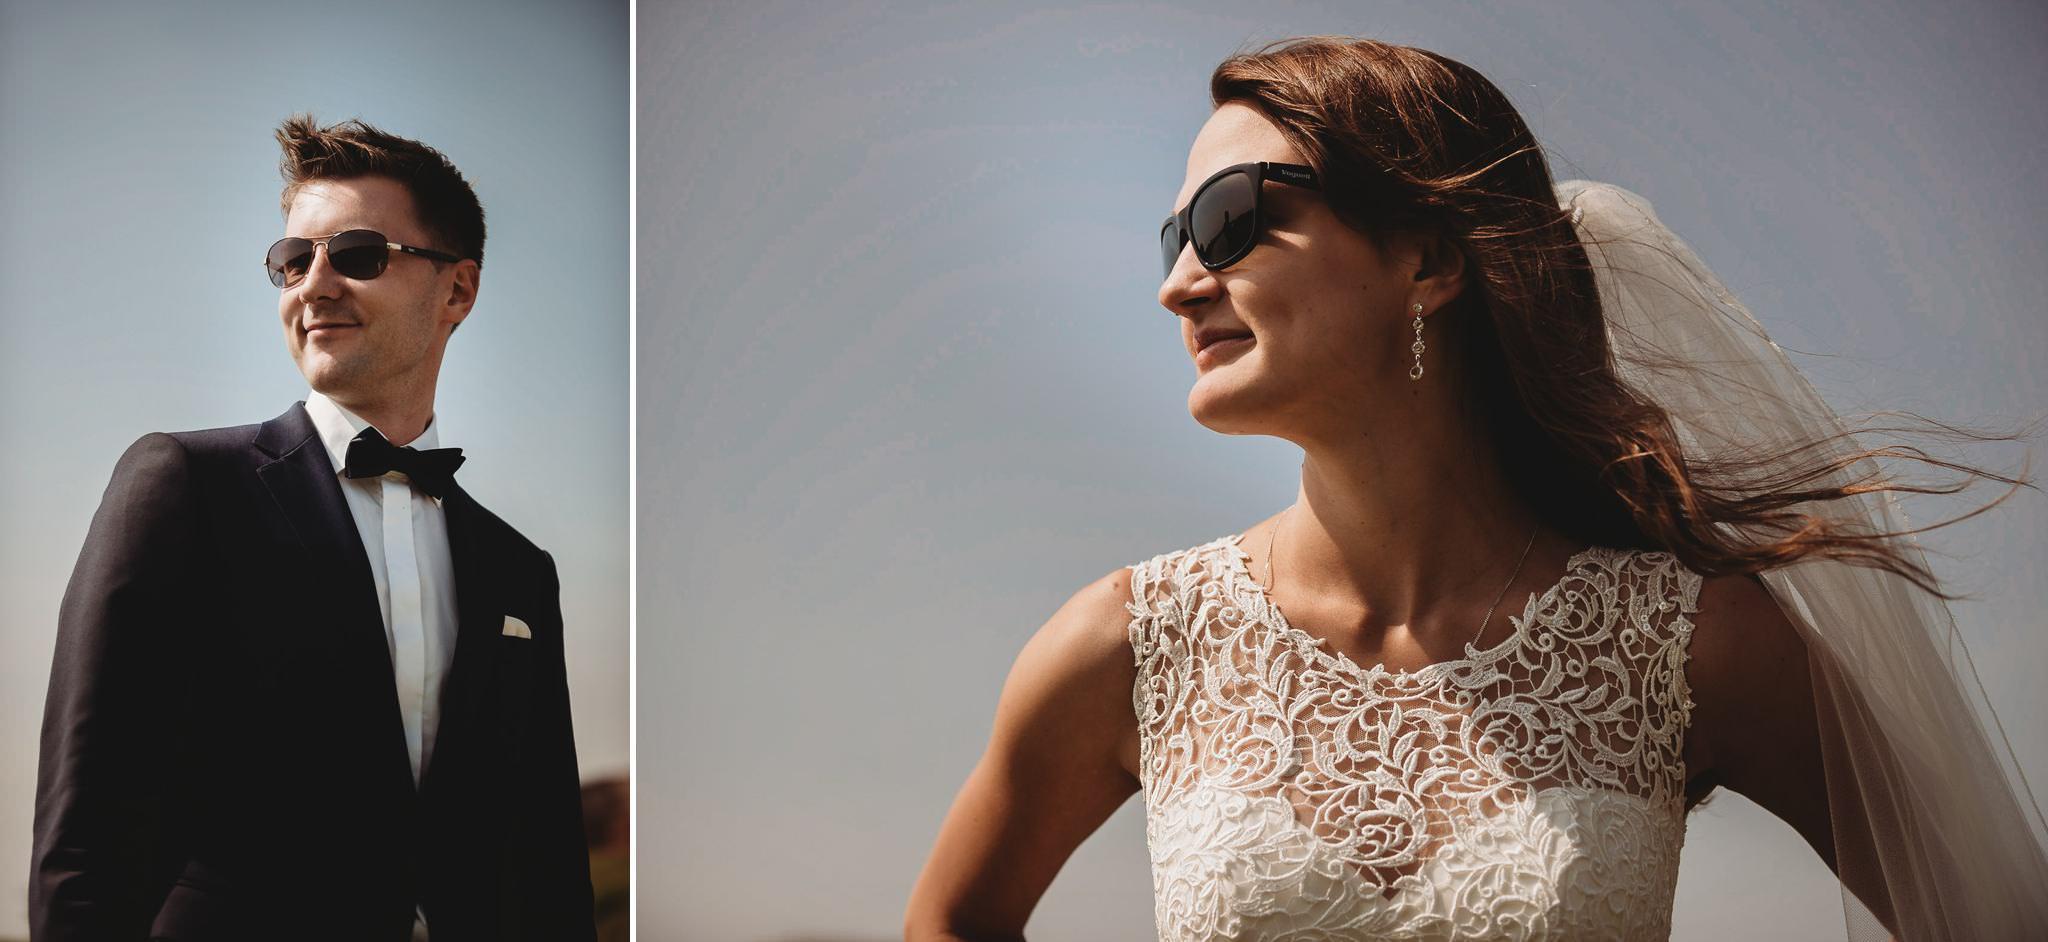 Monika i Michał, wesele w Paryżu i sesja plenerowa w stadninie koni w Czołowie 312